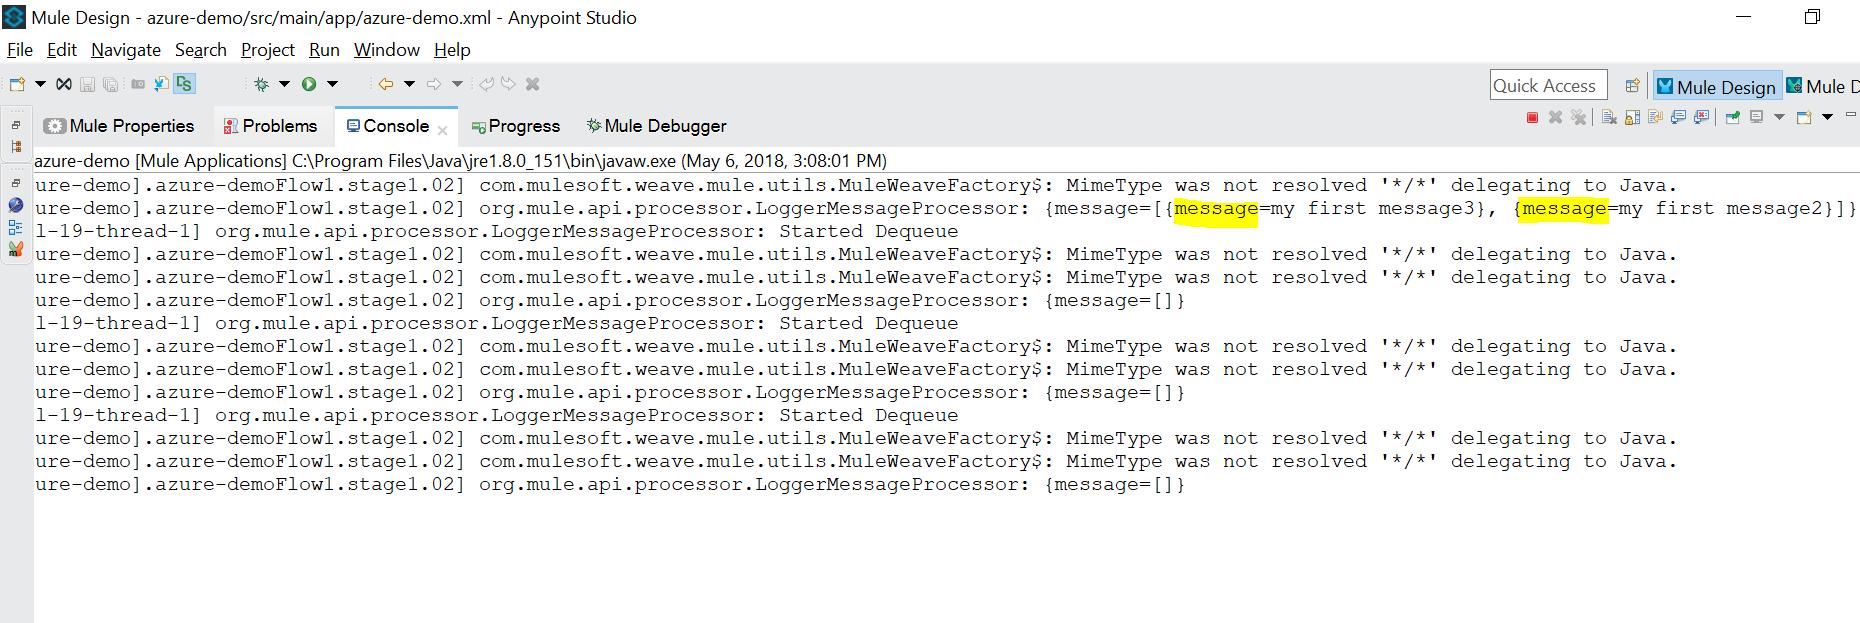 Dequeue multiple message from Azure Queue